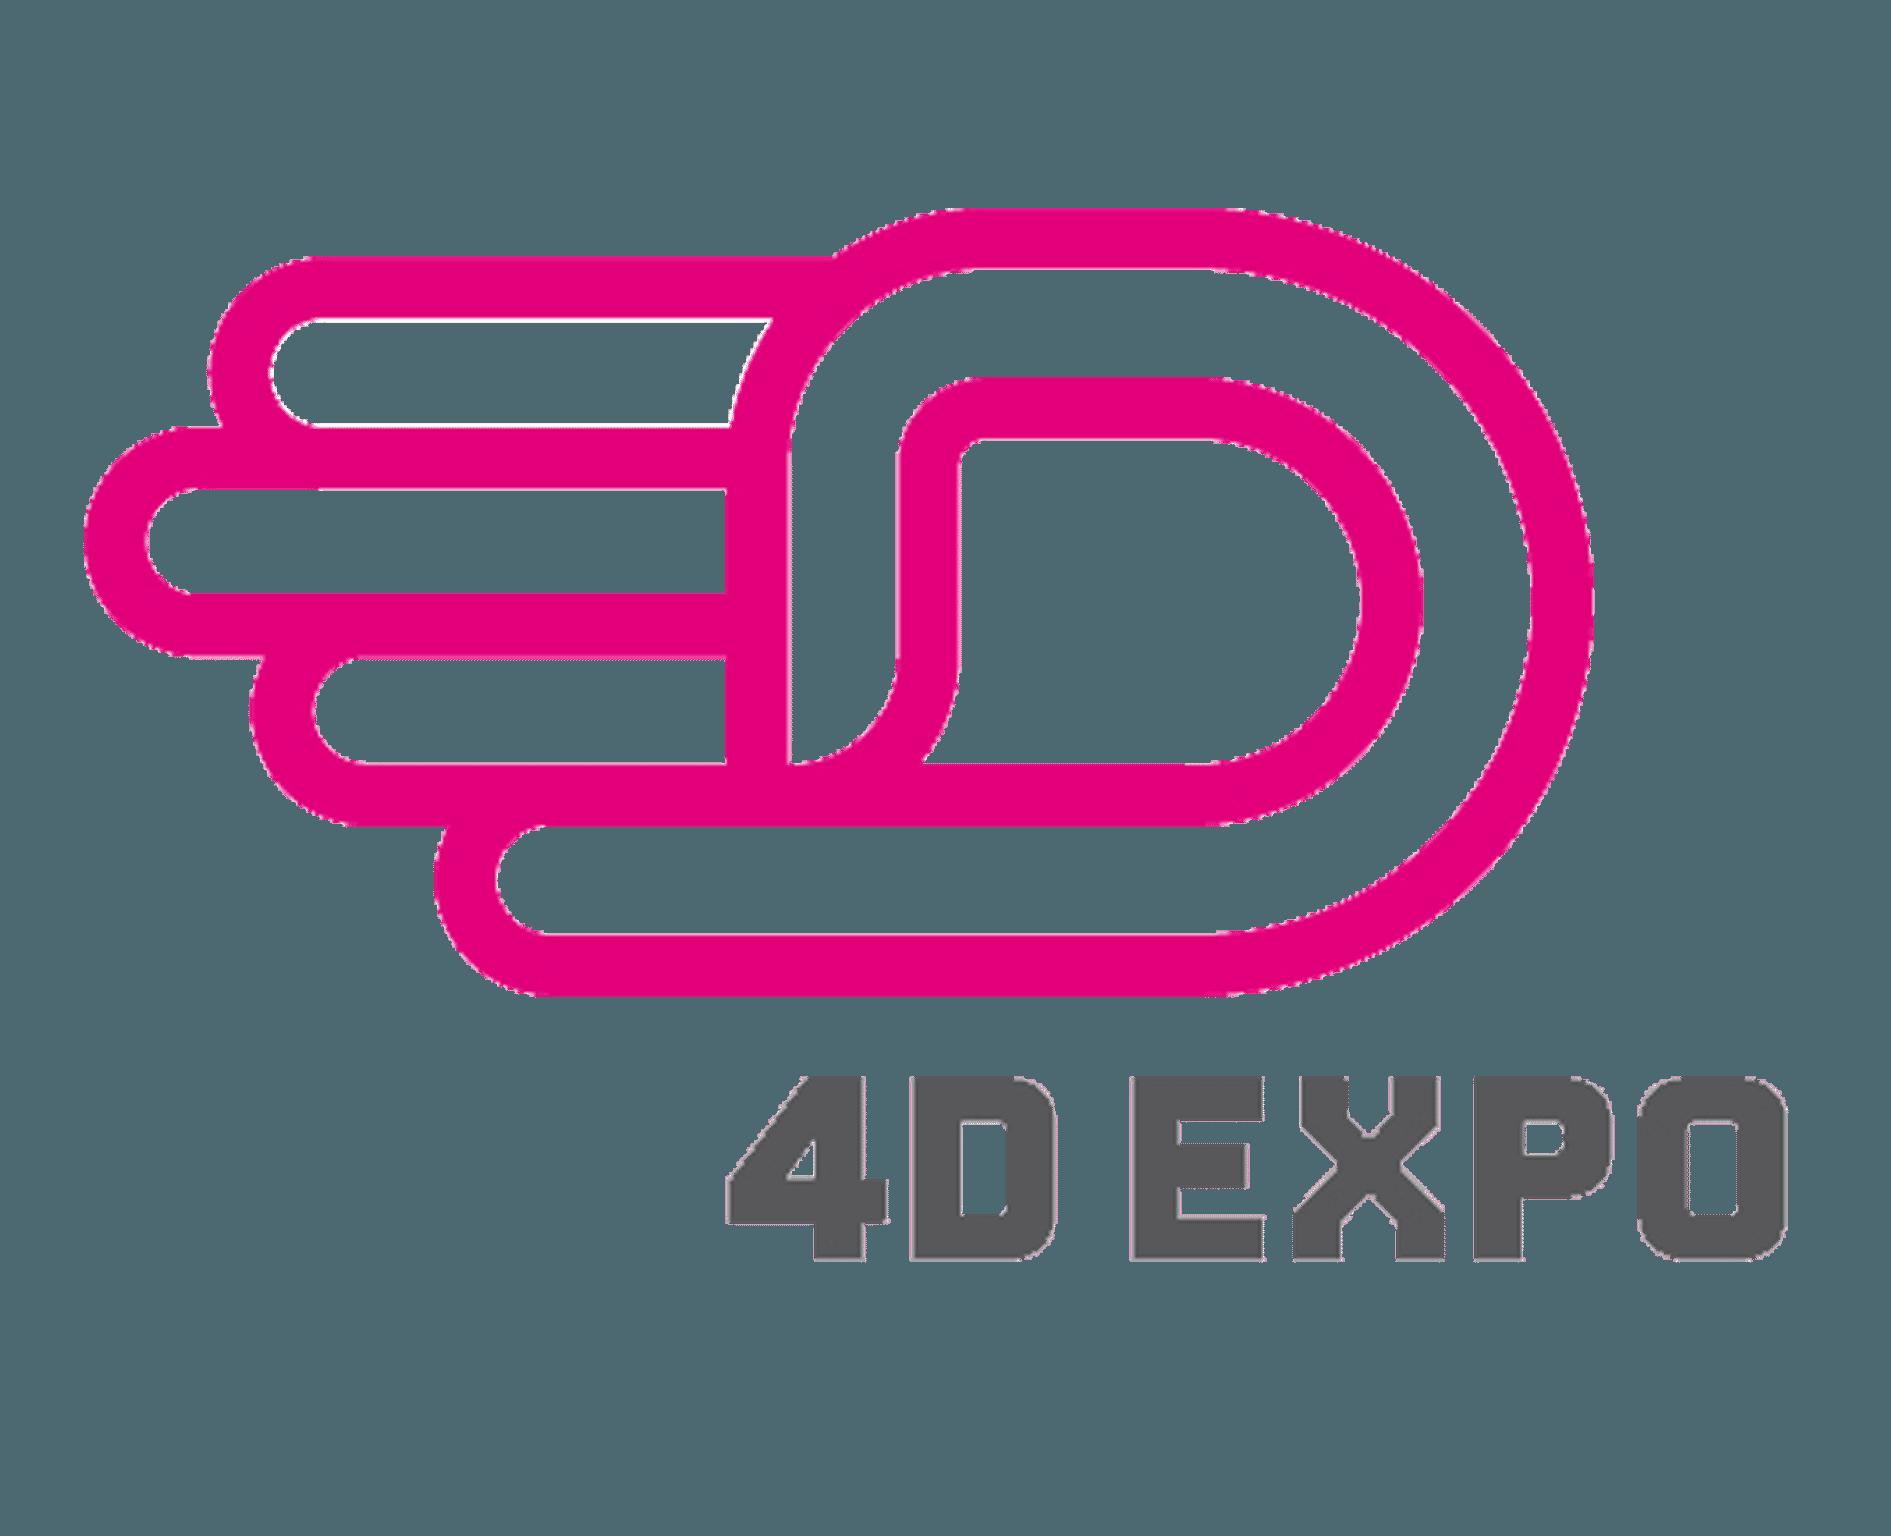 4D Expo - Standbouw en interieurbouw